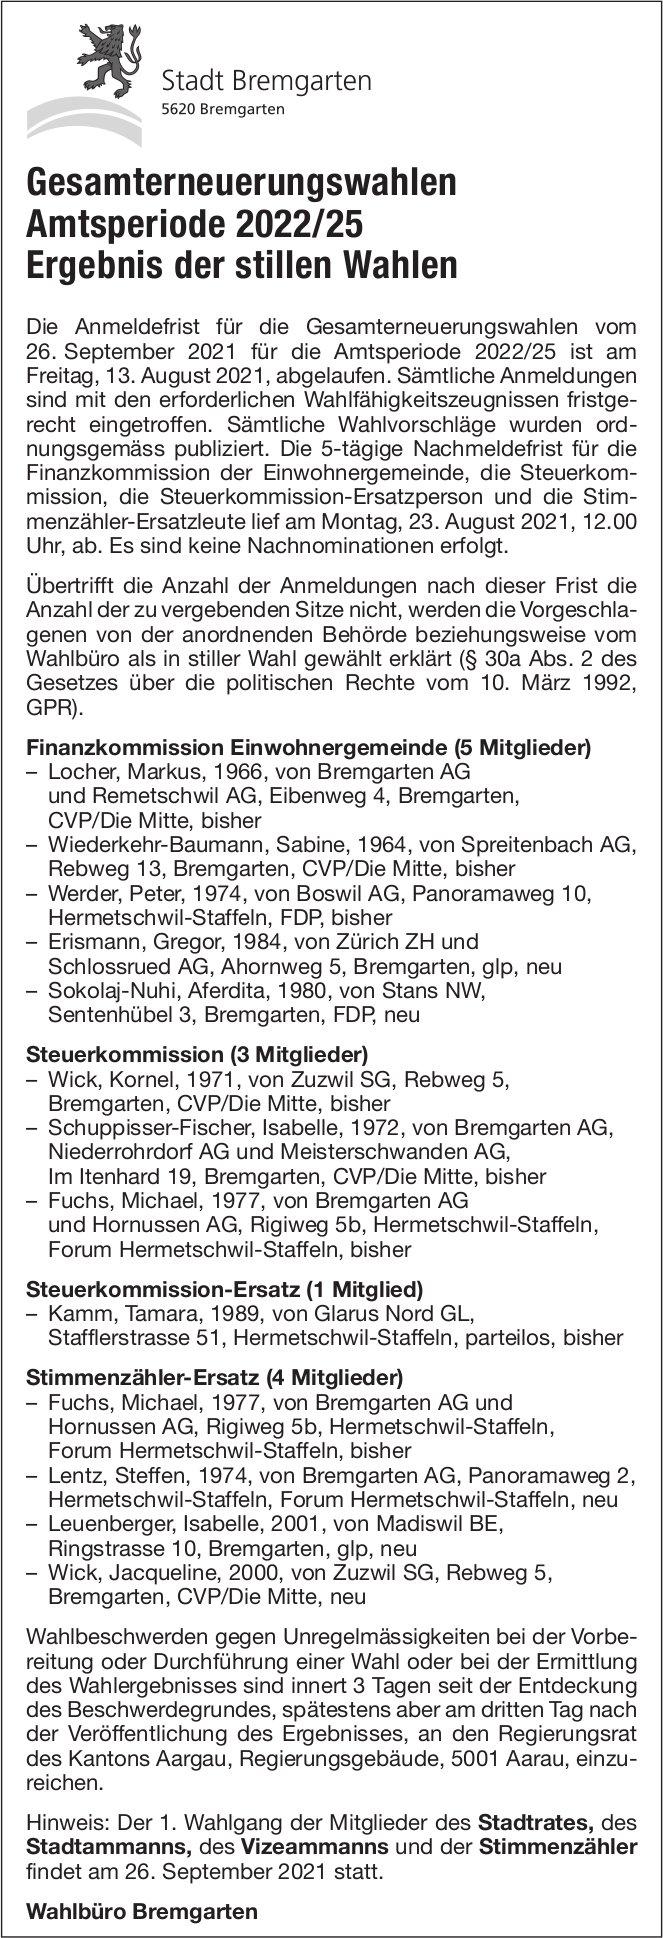 Bremgarten - Gesamterneuerungswahlen